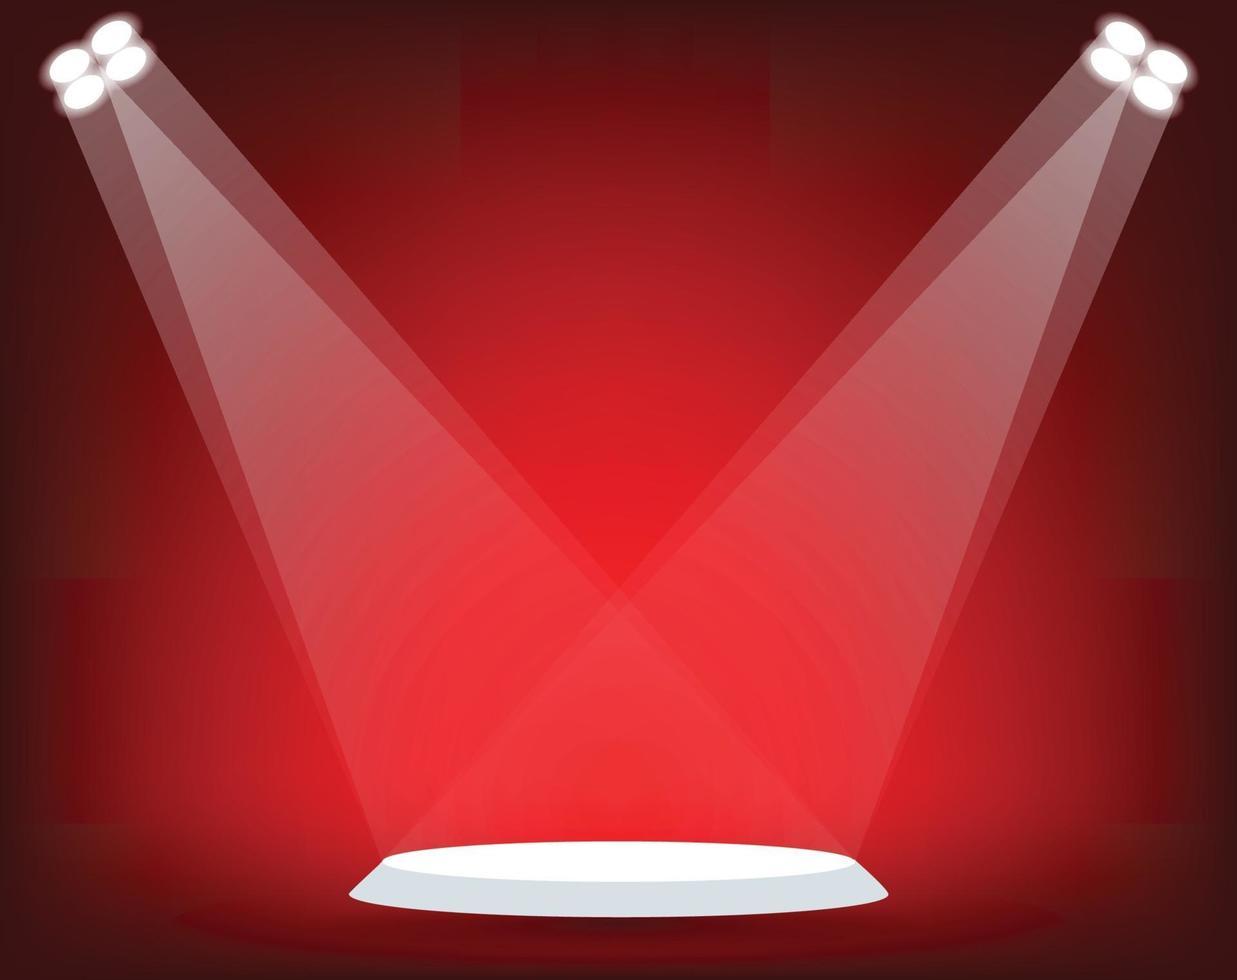 stå med strålkastare på röd bakgrund. vektor illustration